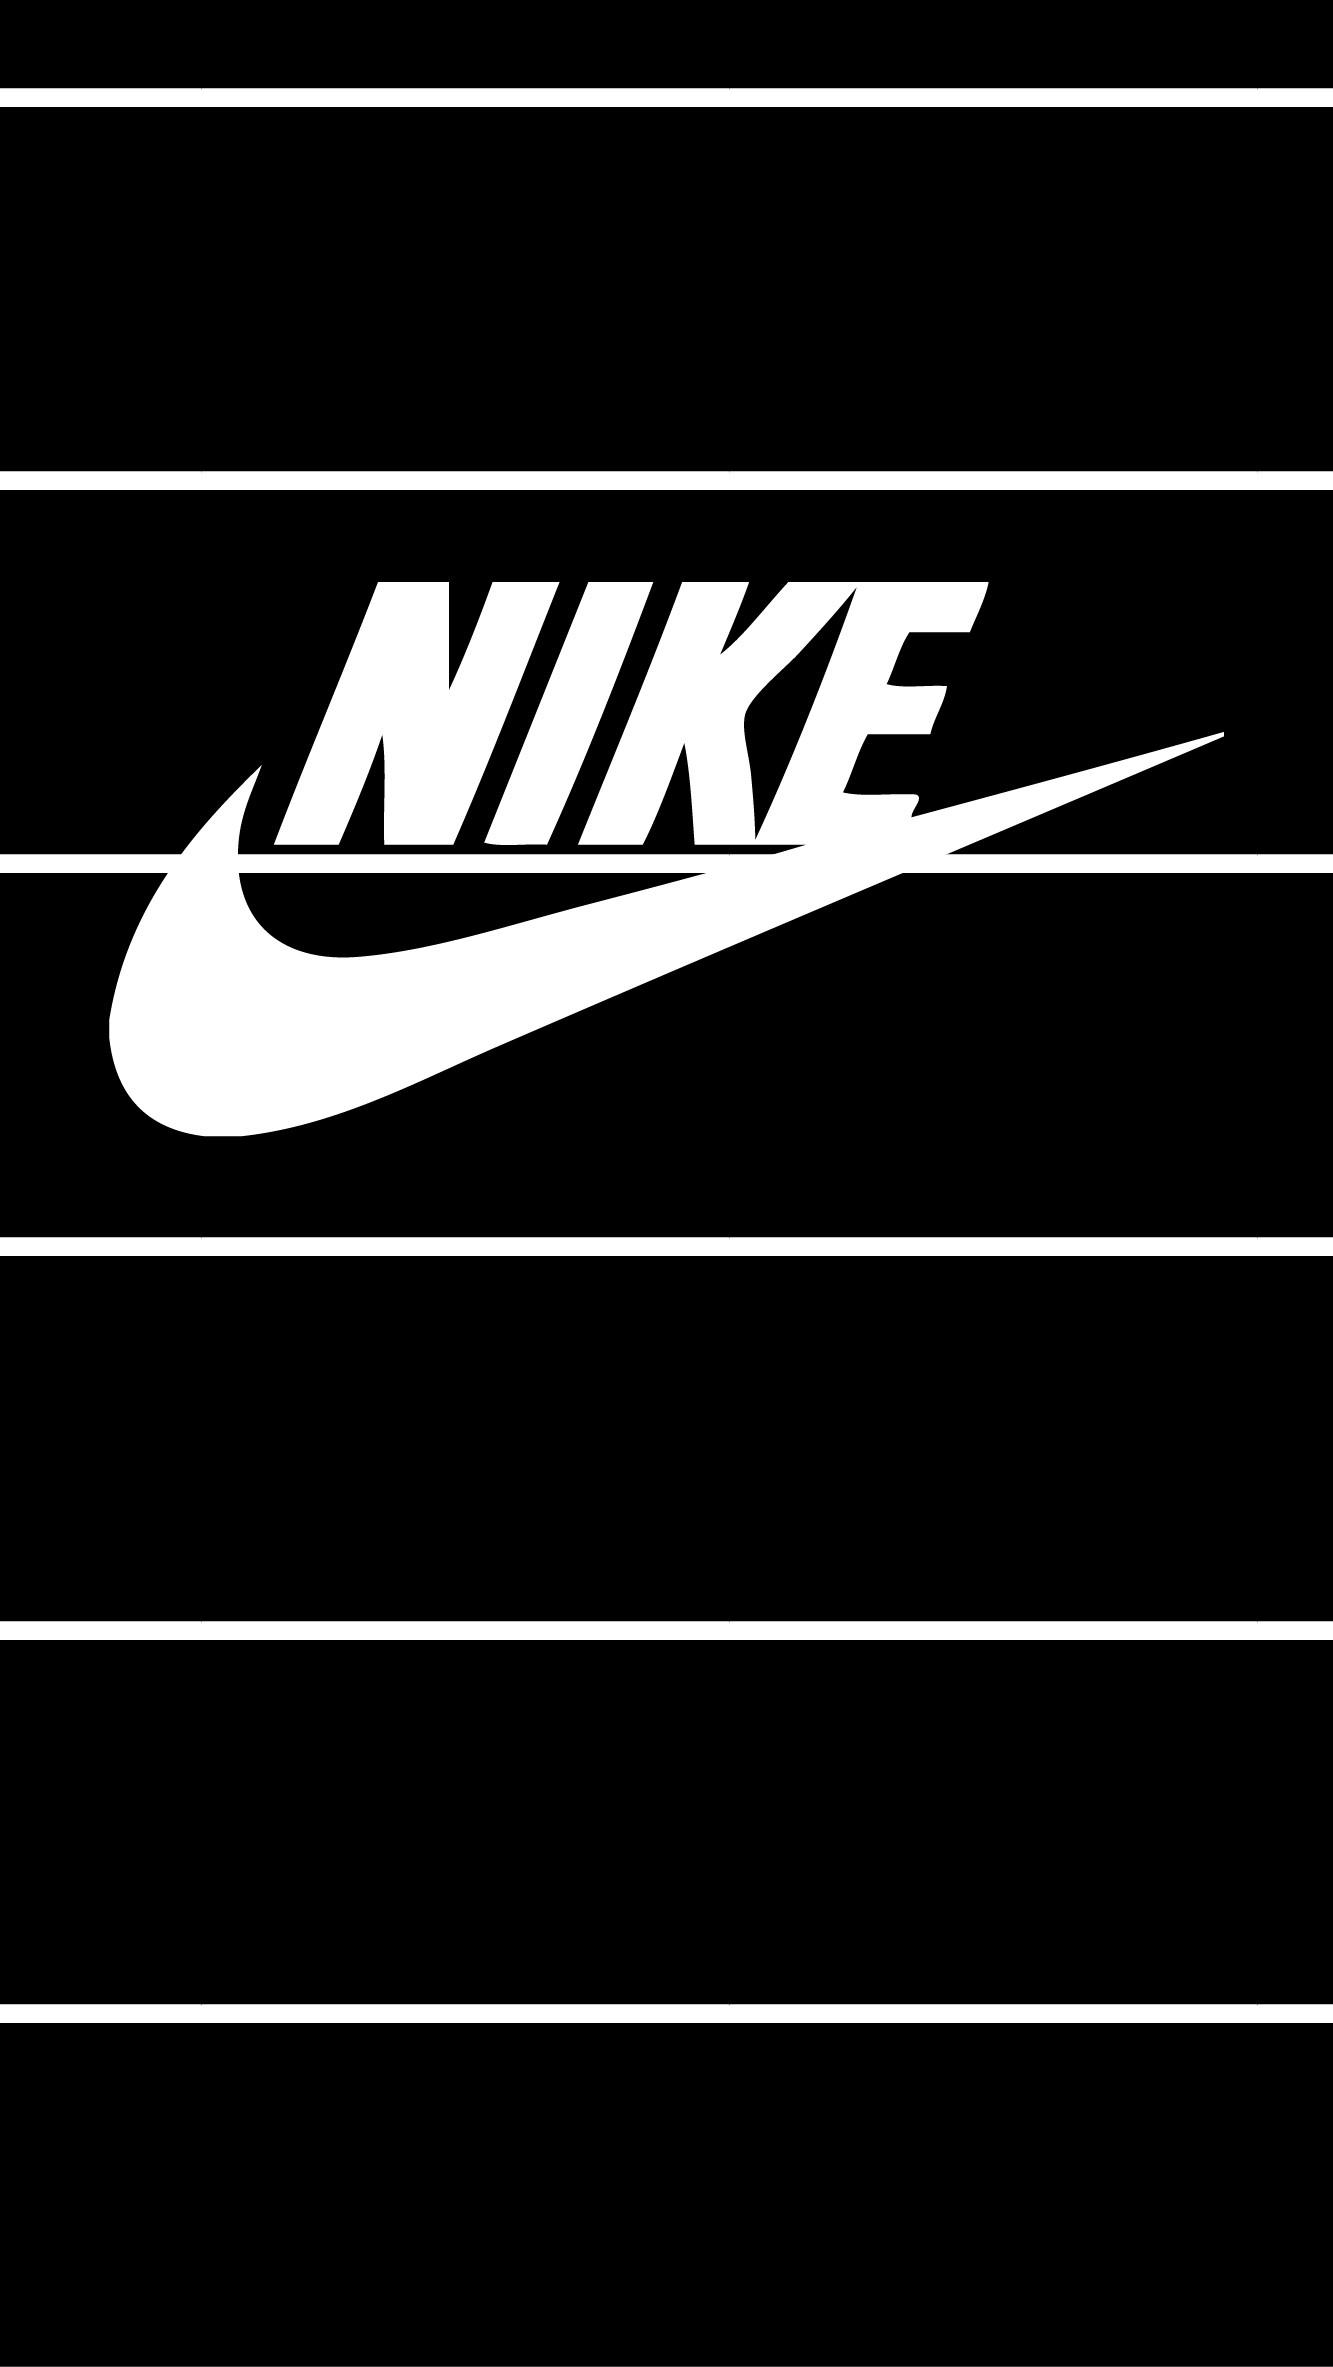 best loved 3e132 31191 1333x2367 Nike Wallpaper 2